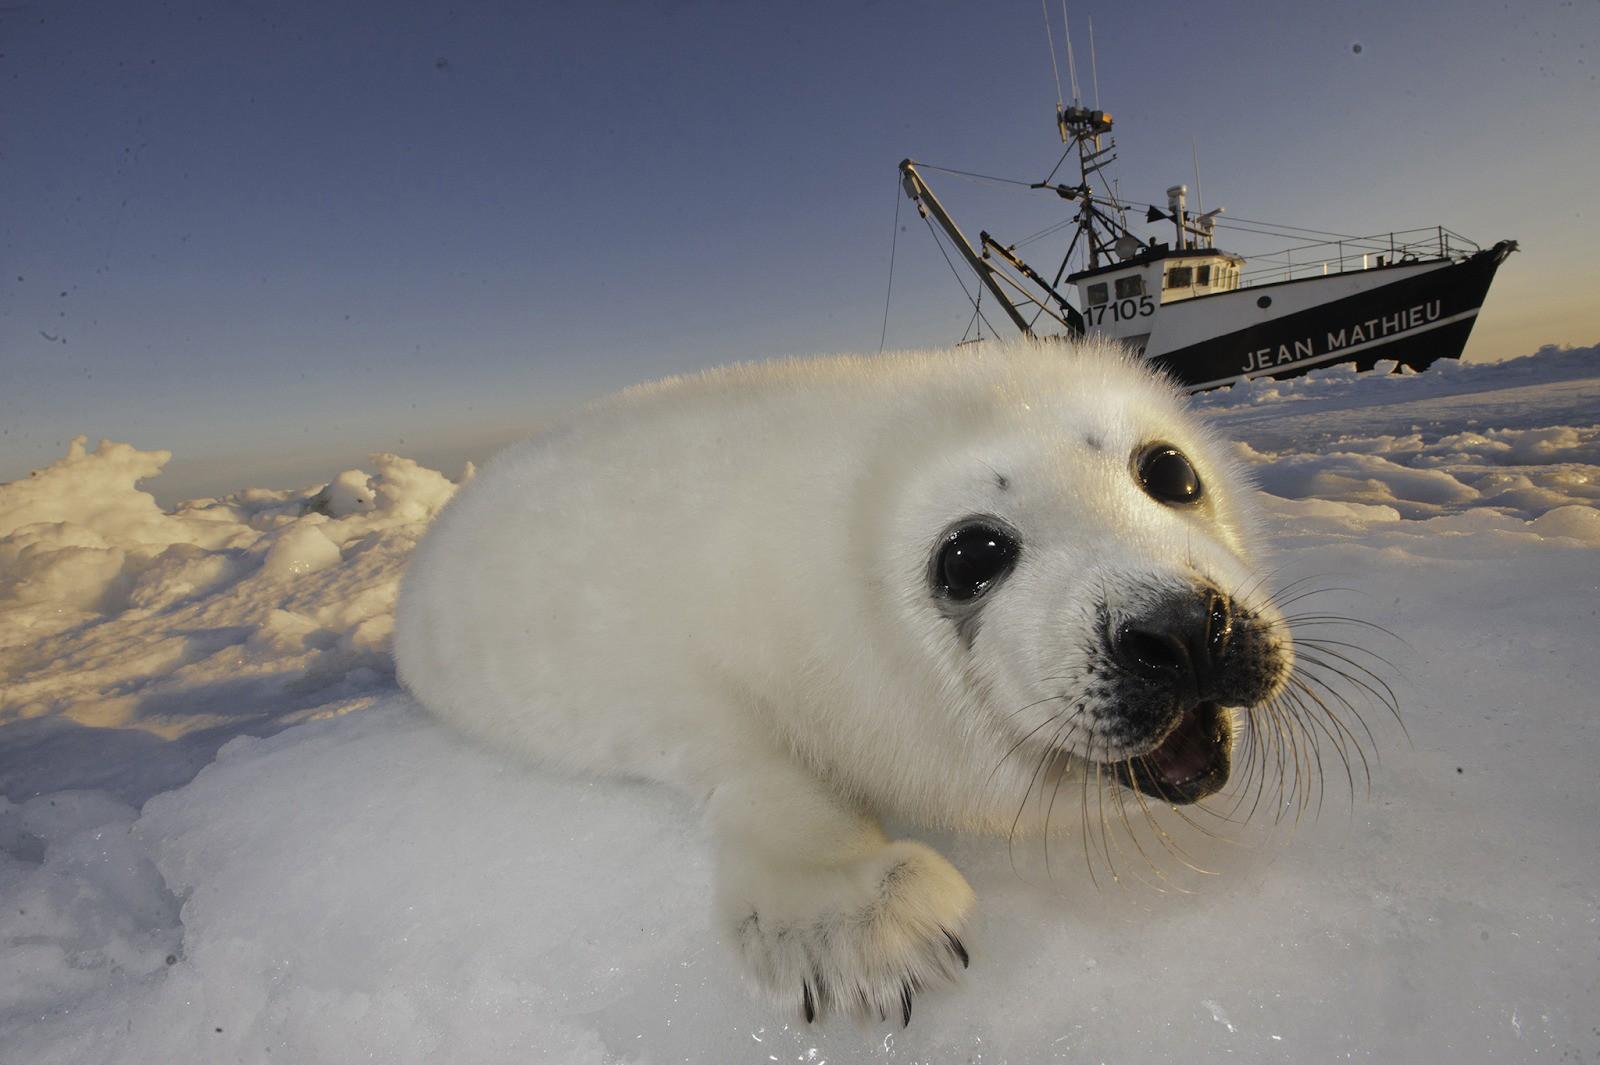 """""""Bữa tiệc' săn hải cẩu đẫm máu ở Canada: Hàng nghìn con vật bị truy cùng diệt tận, chỉ để phục vụ cho nhu cầu thời trang lông thú xa xỉ - Ảnh 3."""